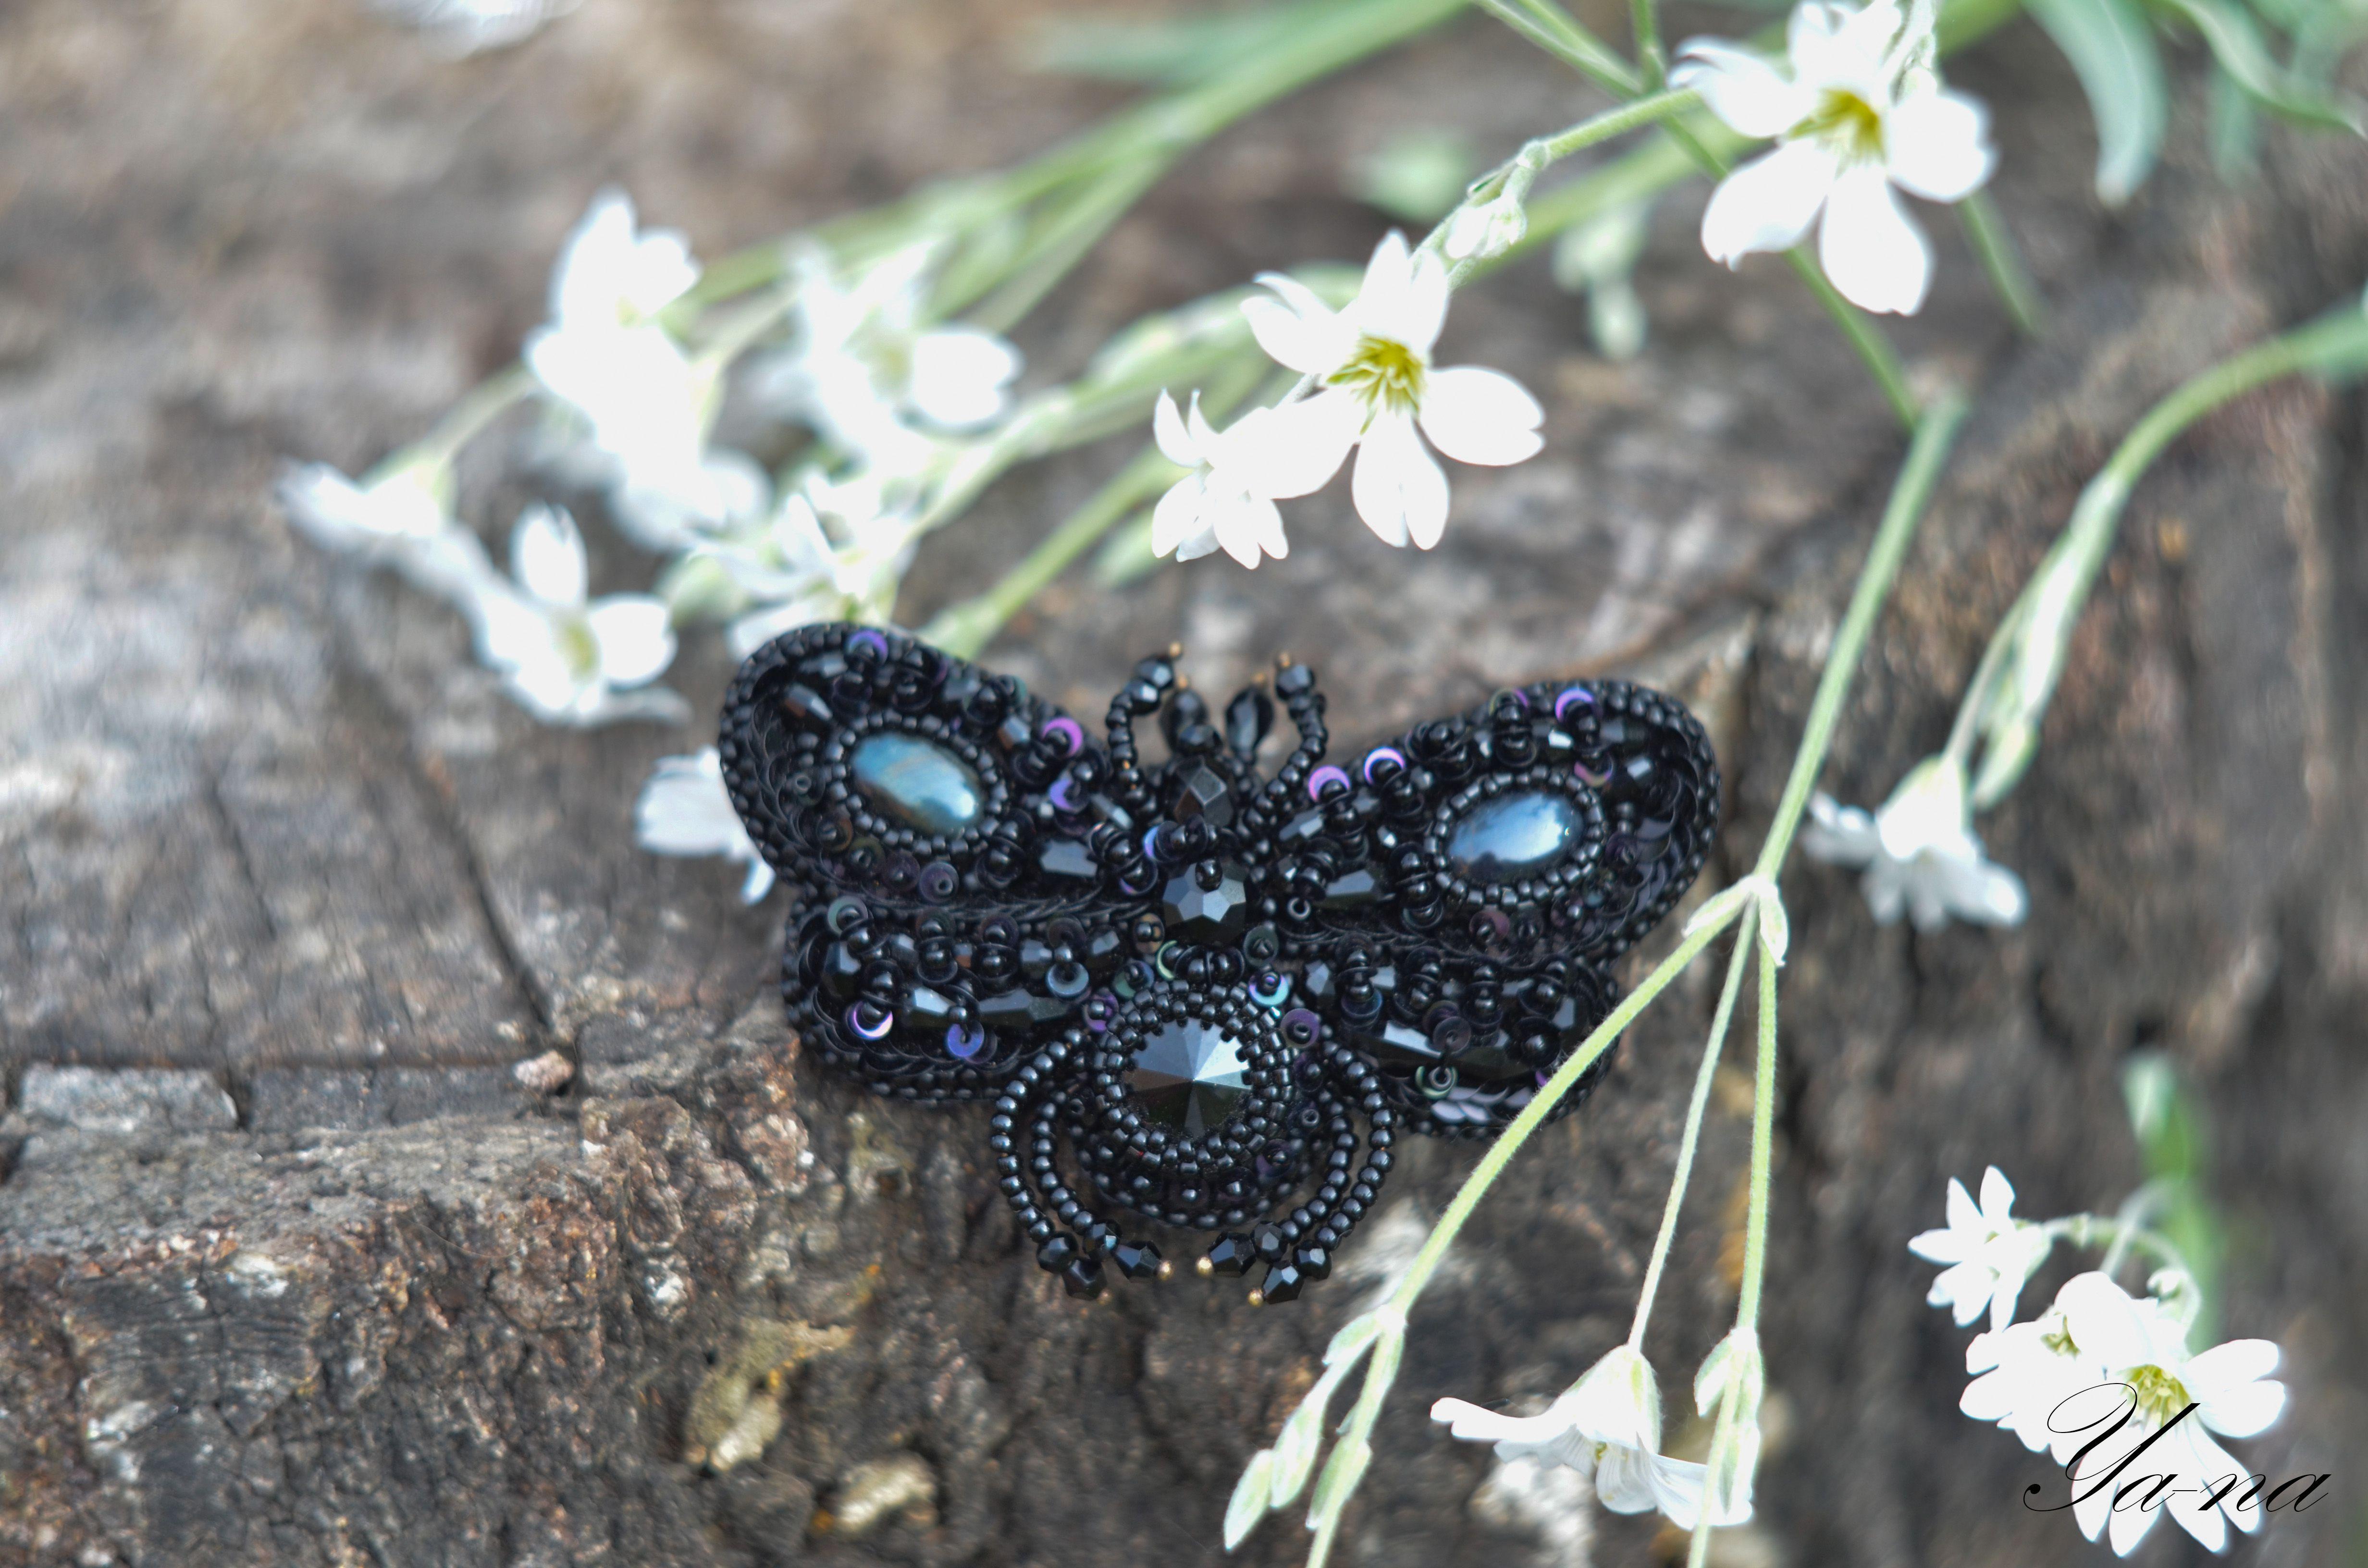 ручнаяработа брошьмотылек бабочка бисернаяброшь брошьжук длядевушки купитьброшь насекомое новосибирск брошьизбисера чернаябабочка длялюбимой брошьвподарок бижутерия